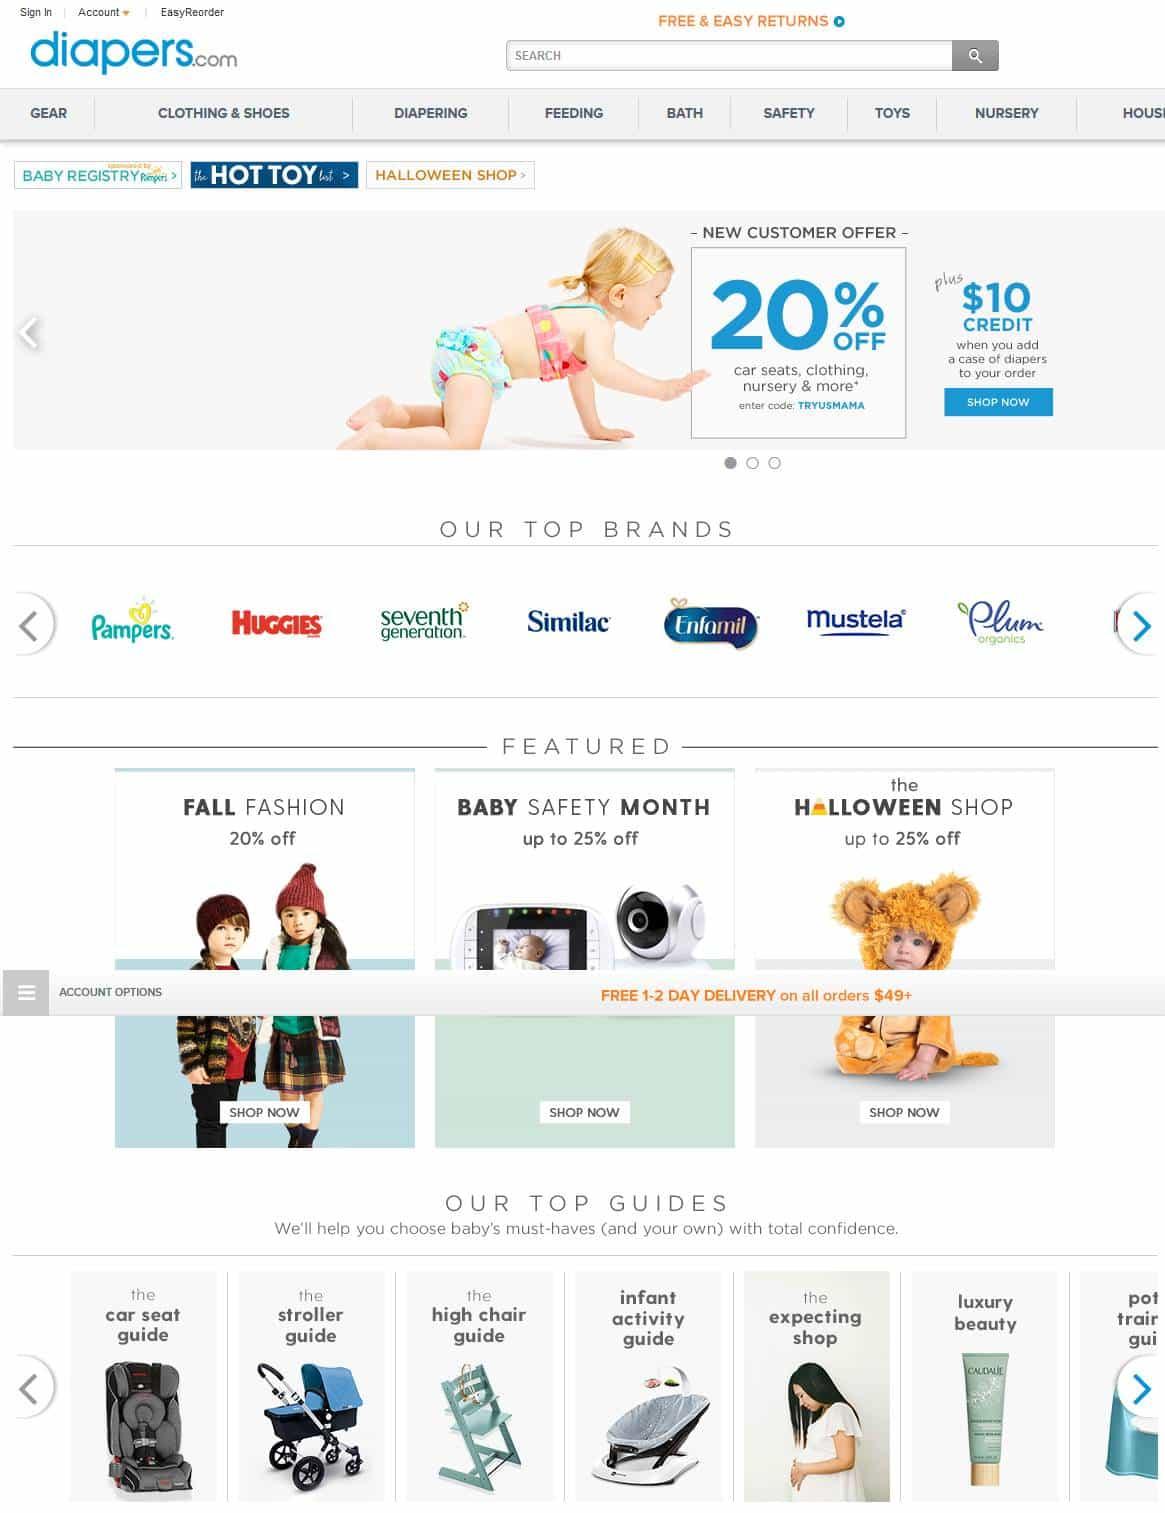 diapers-com_-_2016-09-20_07-53-17